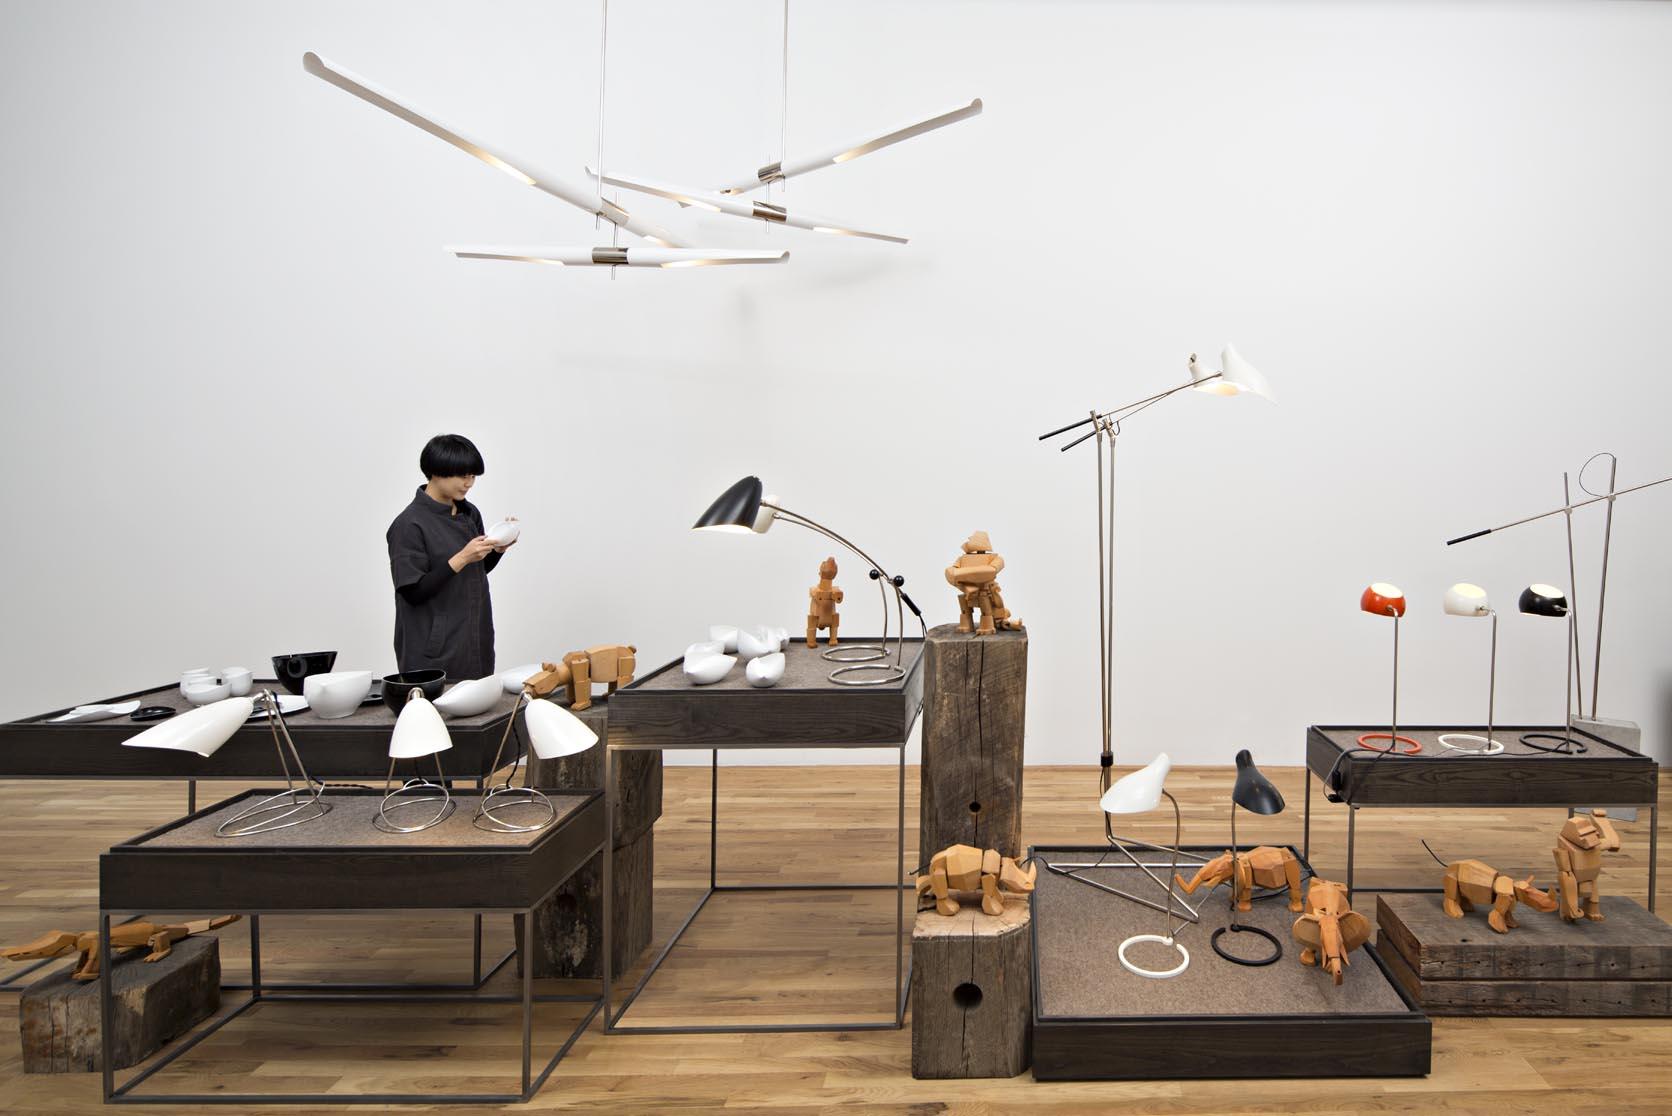 david weeks showroom display a 1 72